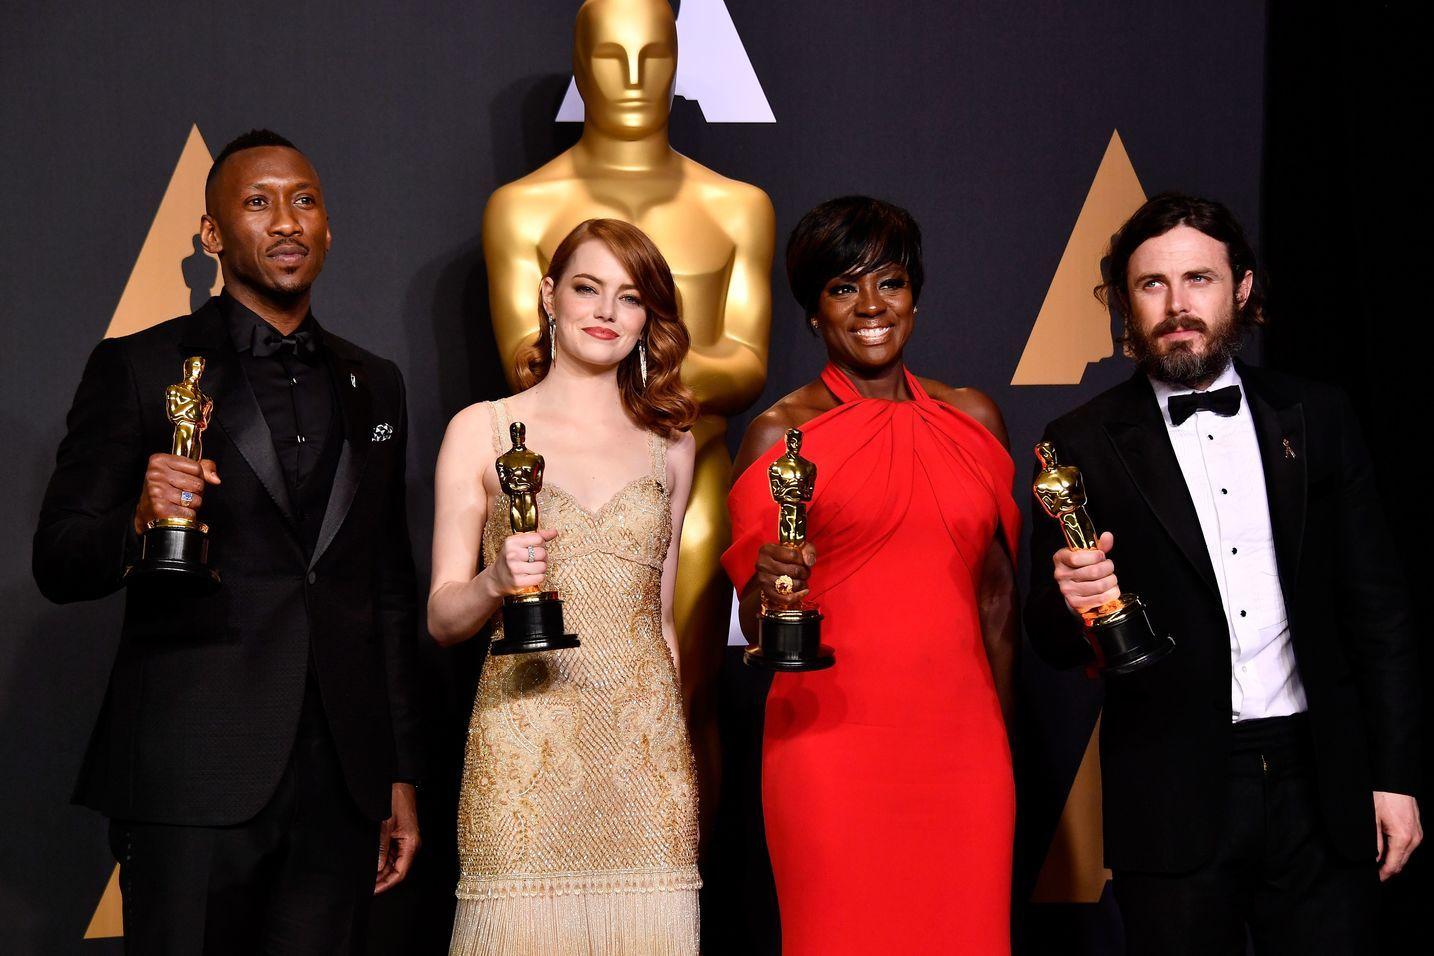 Oscars 2017: The Winners | Academy Awards - 2018 Sam&Cait